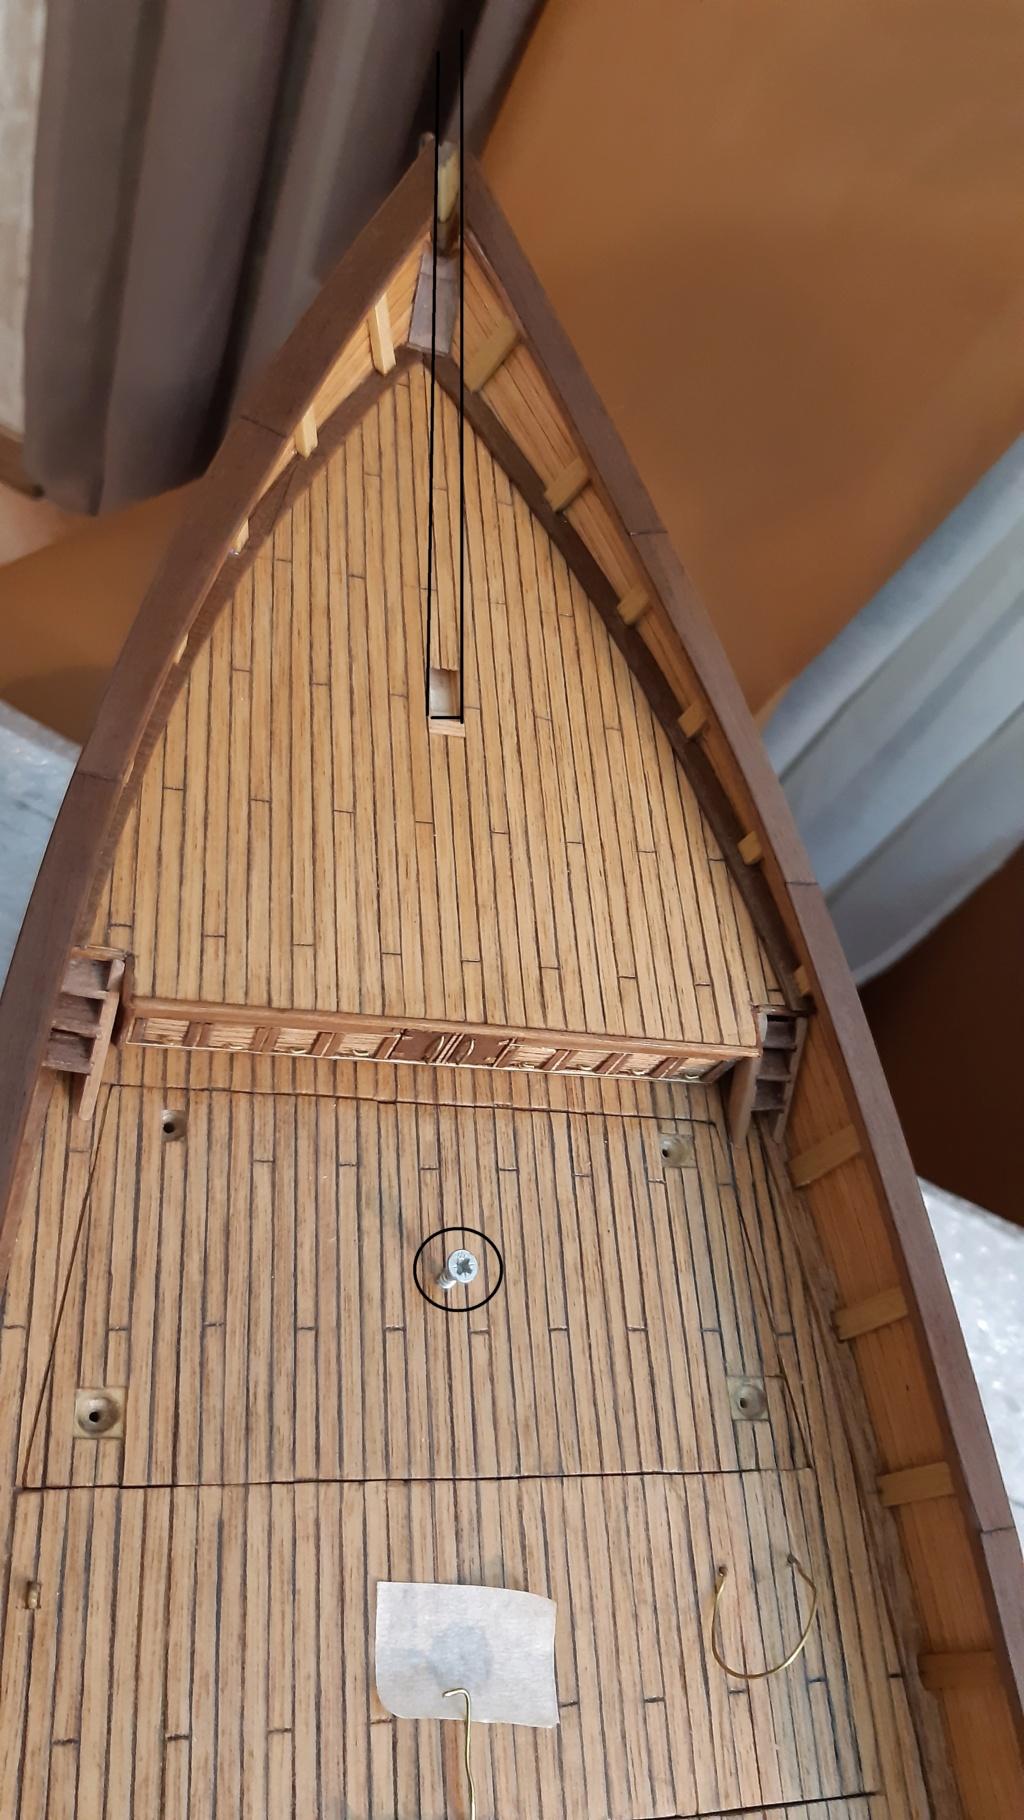 costruzione di goletta, liberamente ispirata a piroscafo cannoniera del XIX secolo - Pagina 17 Prova110